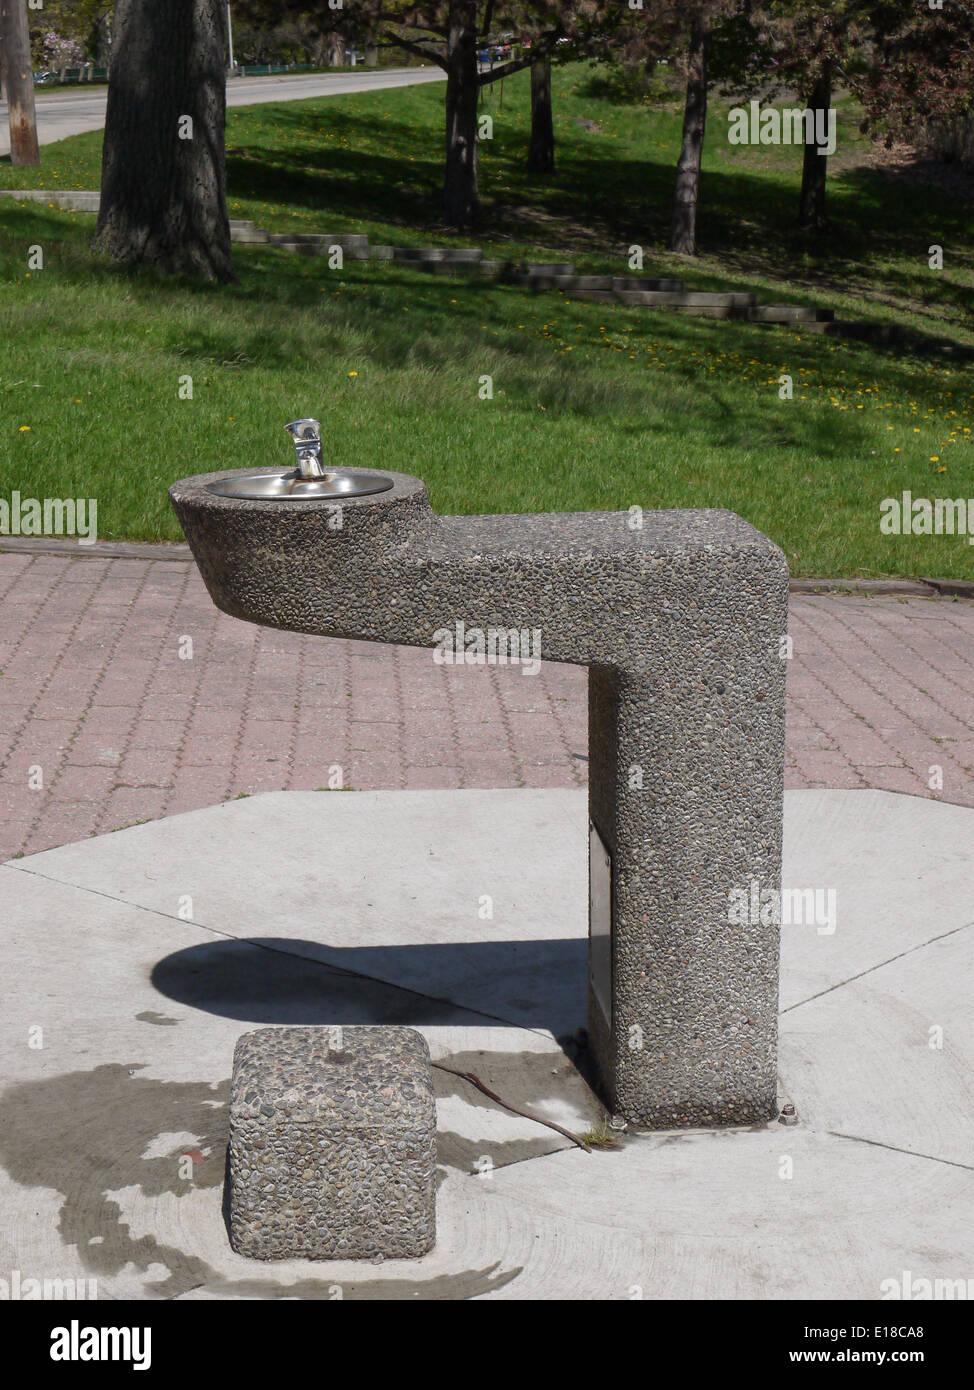 trinken wasser brunnen outdoor wasserhahn sommer stockfoto, bild